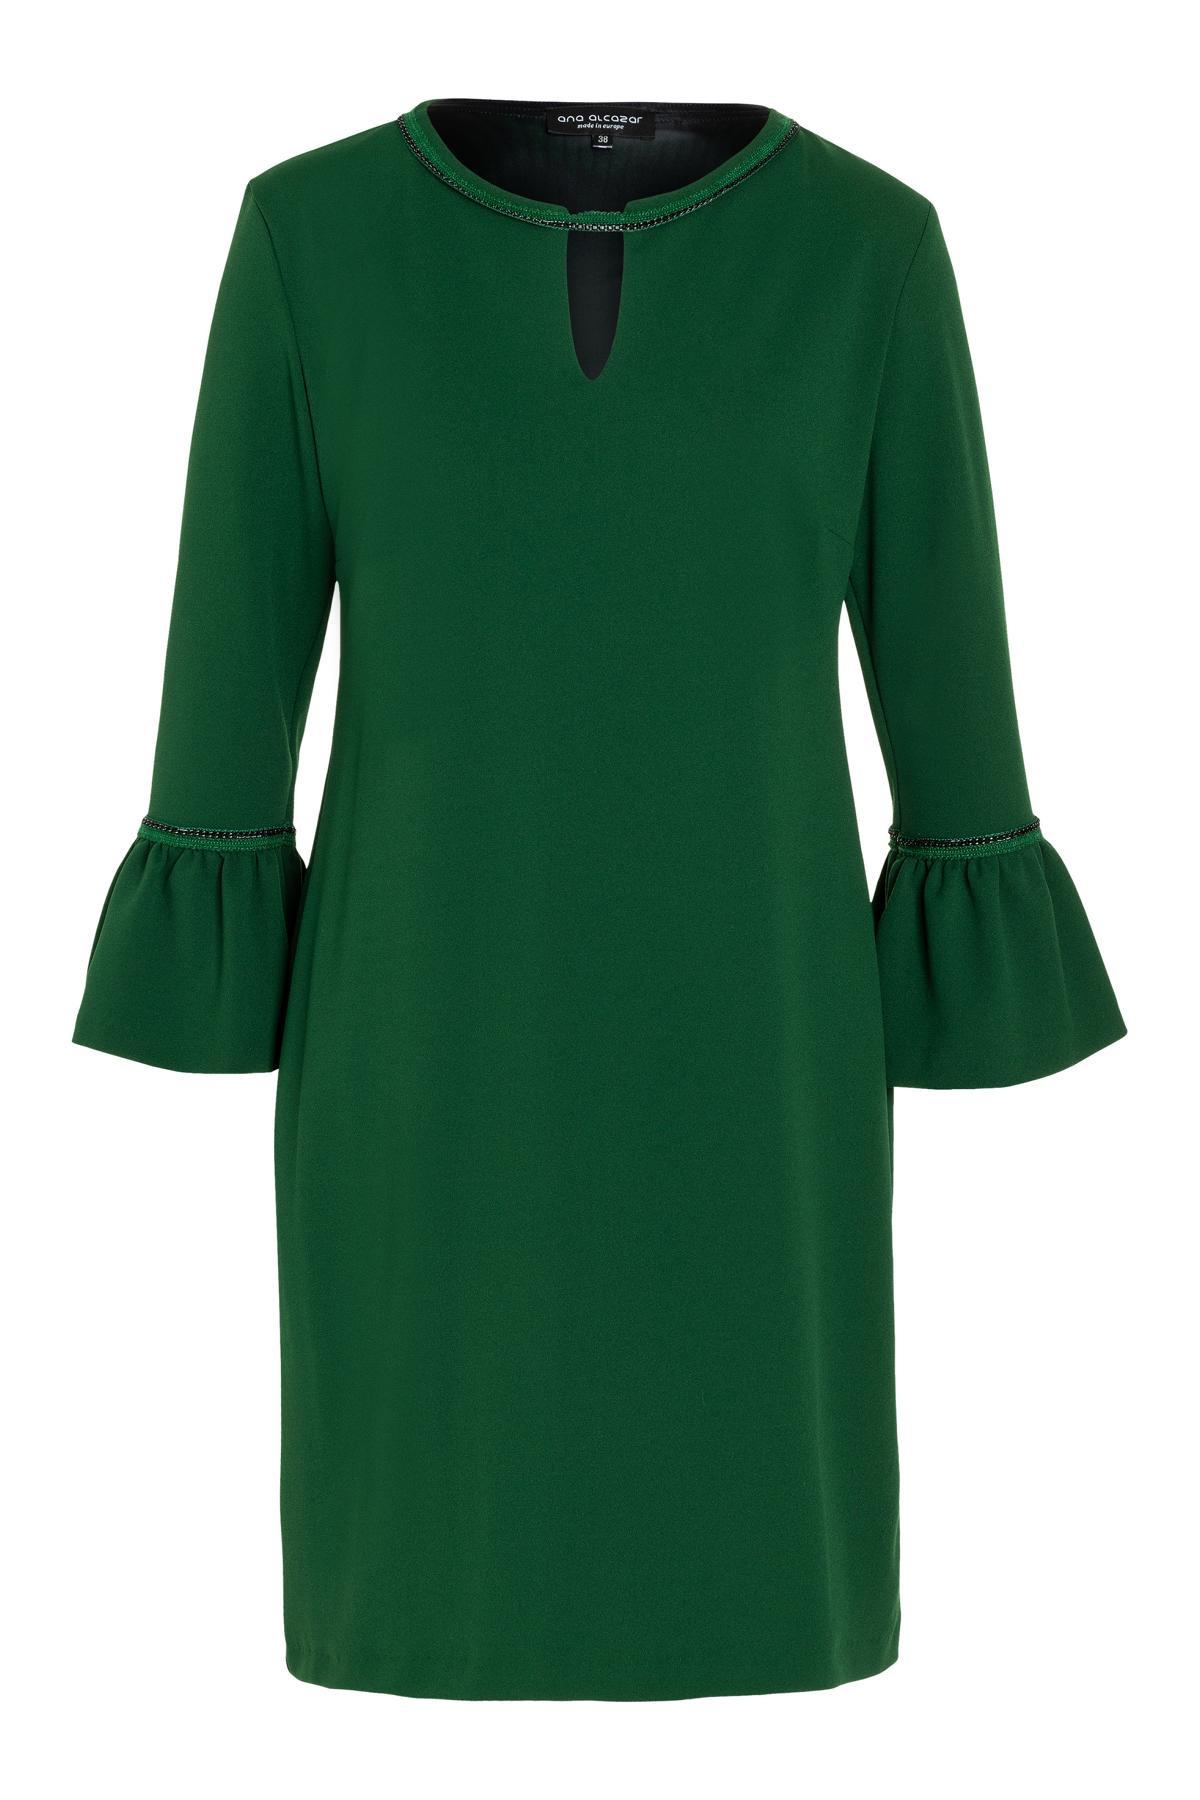 20 Schön Grünes Kleid A Linie Vertrieb13 Wunderbar Grünes Kleid A Linie Vertrieb